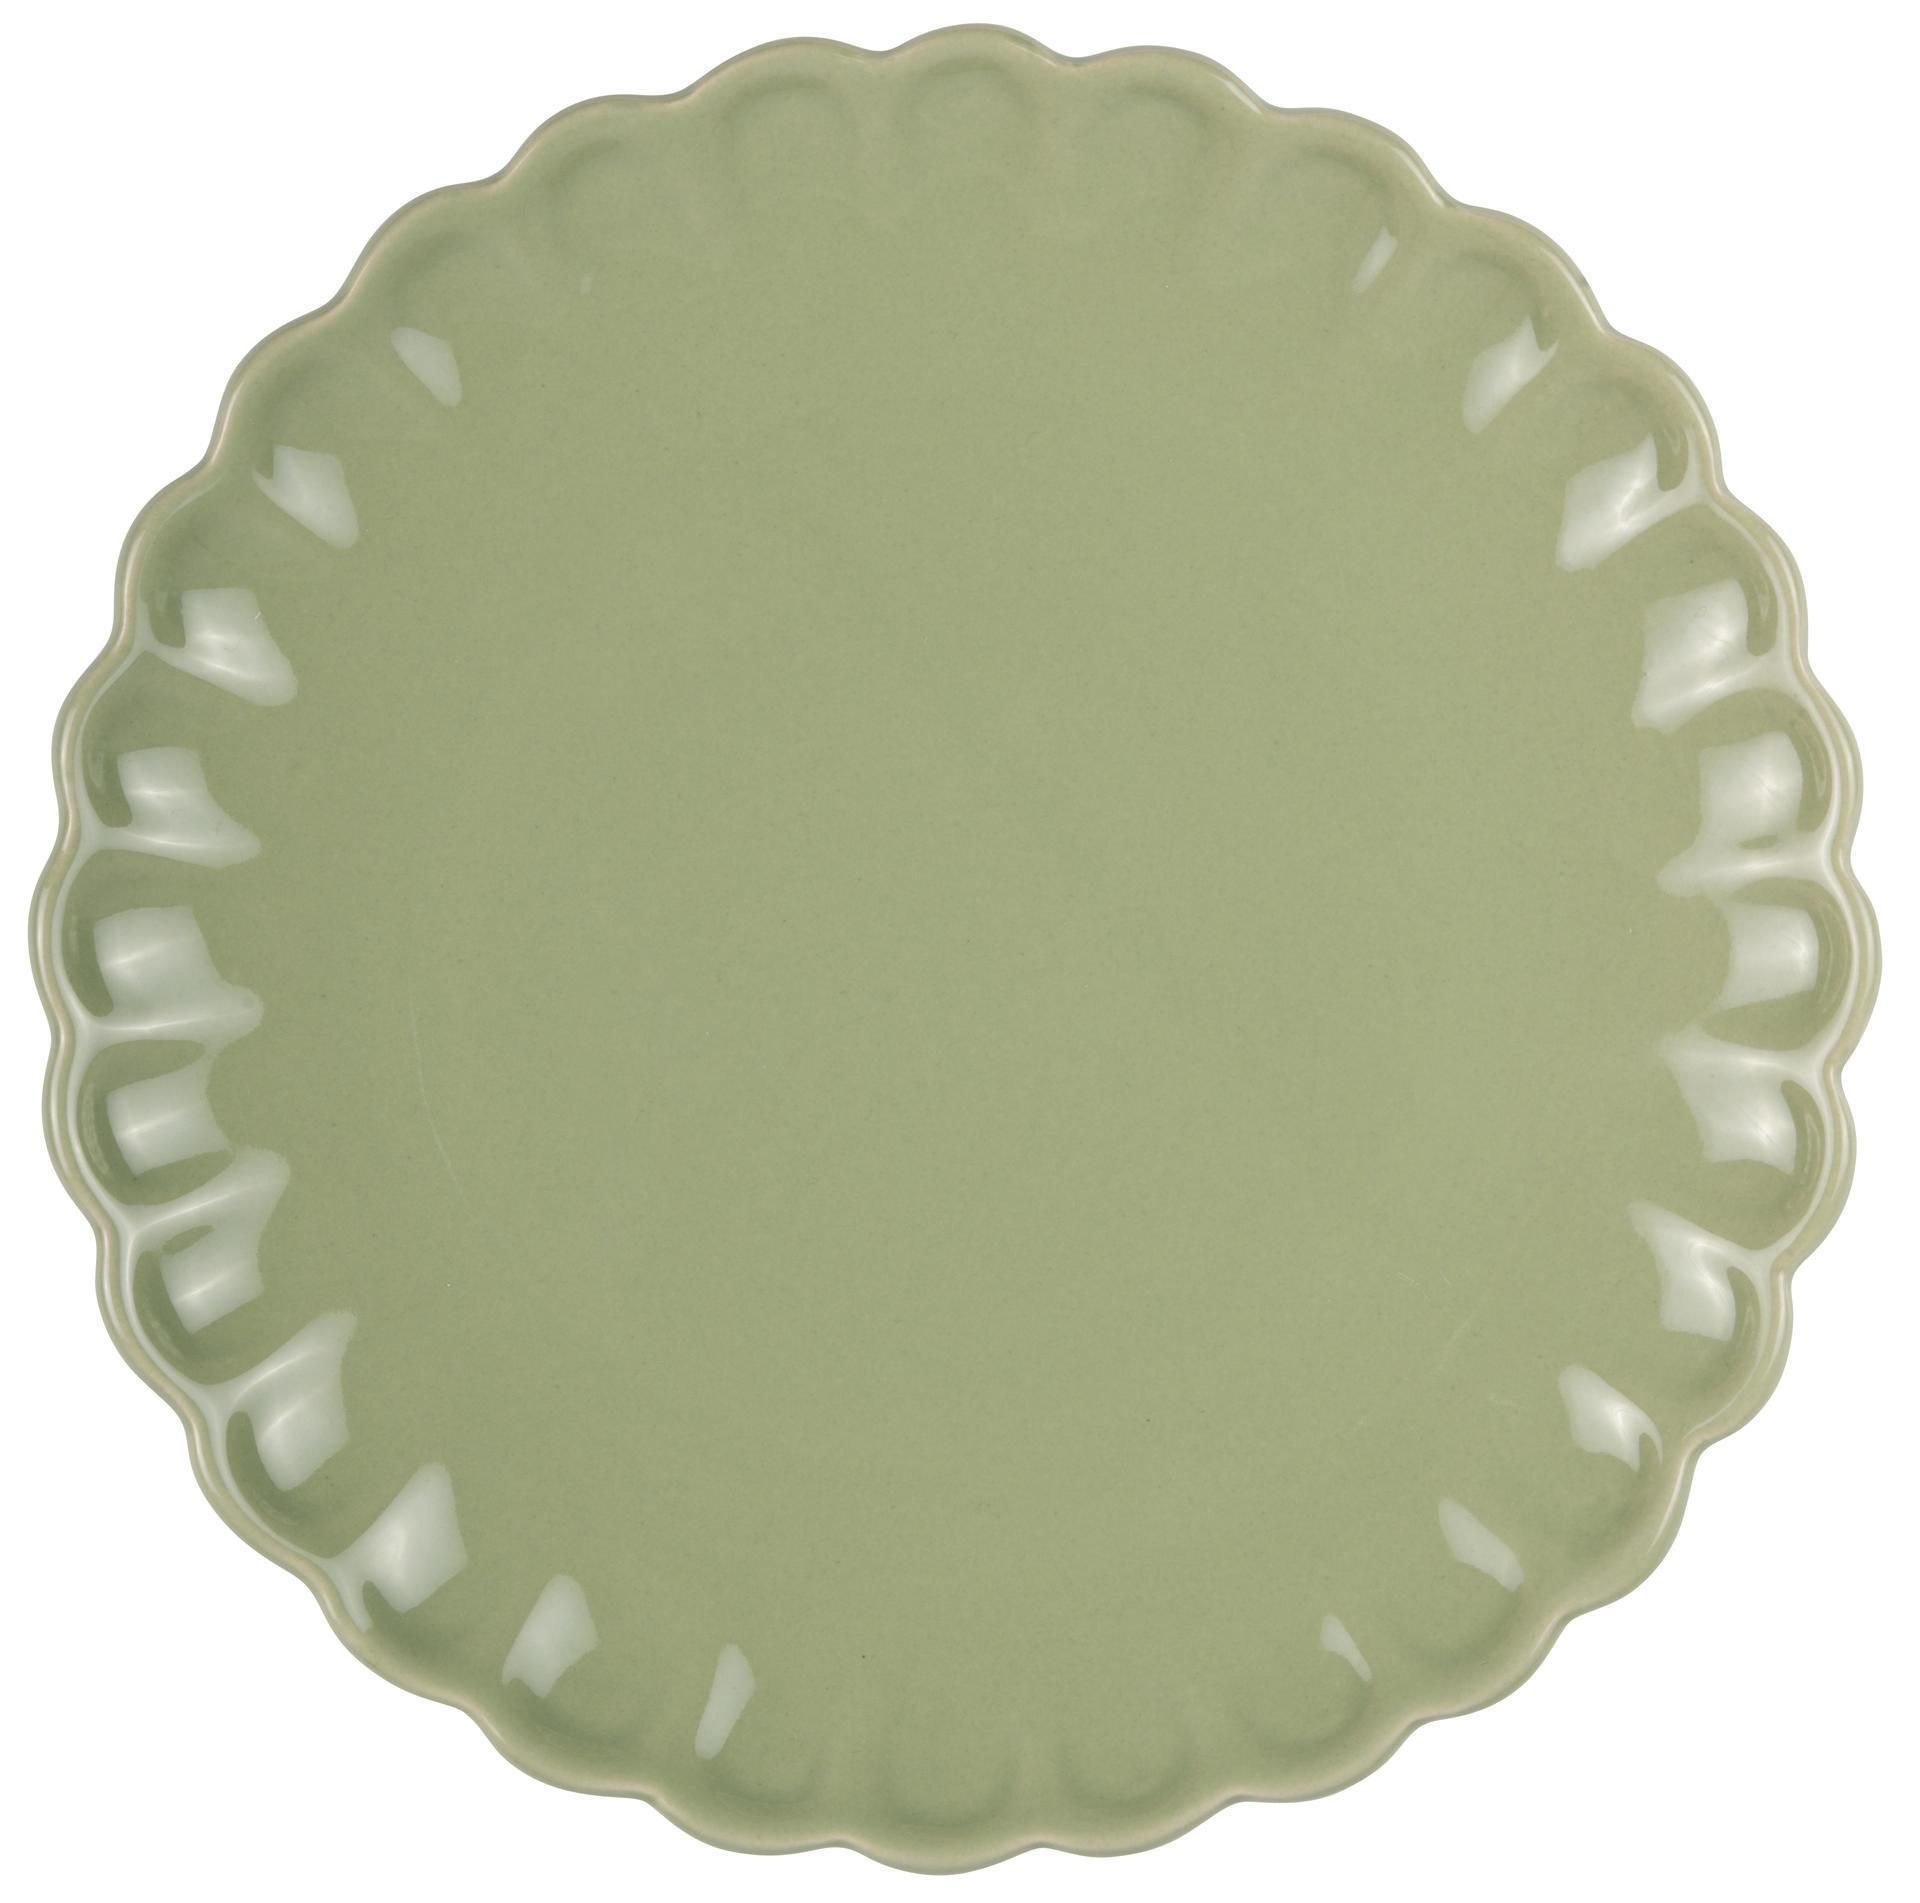 IB LAURSEN Talíř Mynte Meadow green, zelená barva, keramika